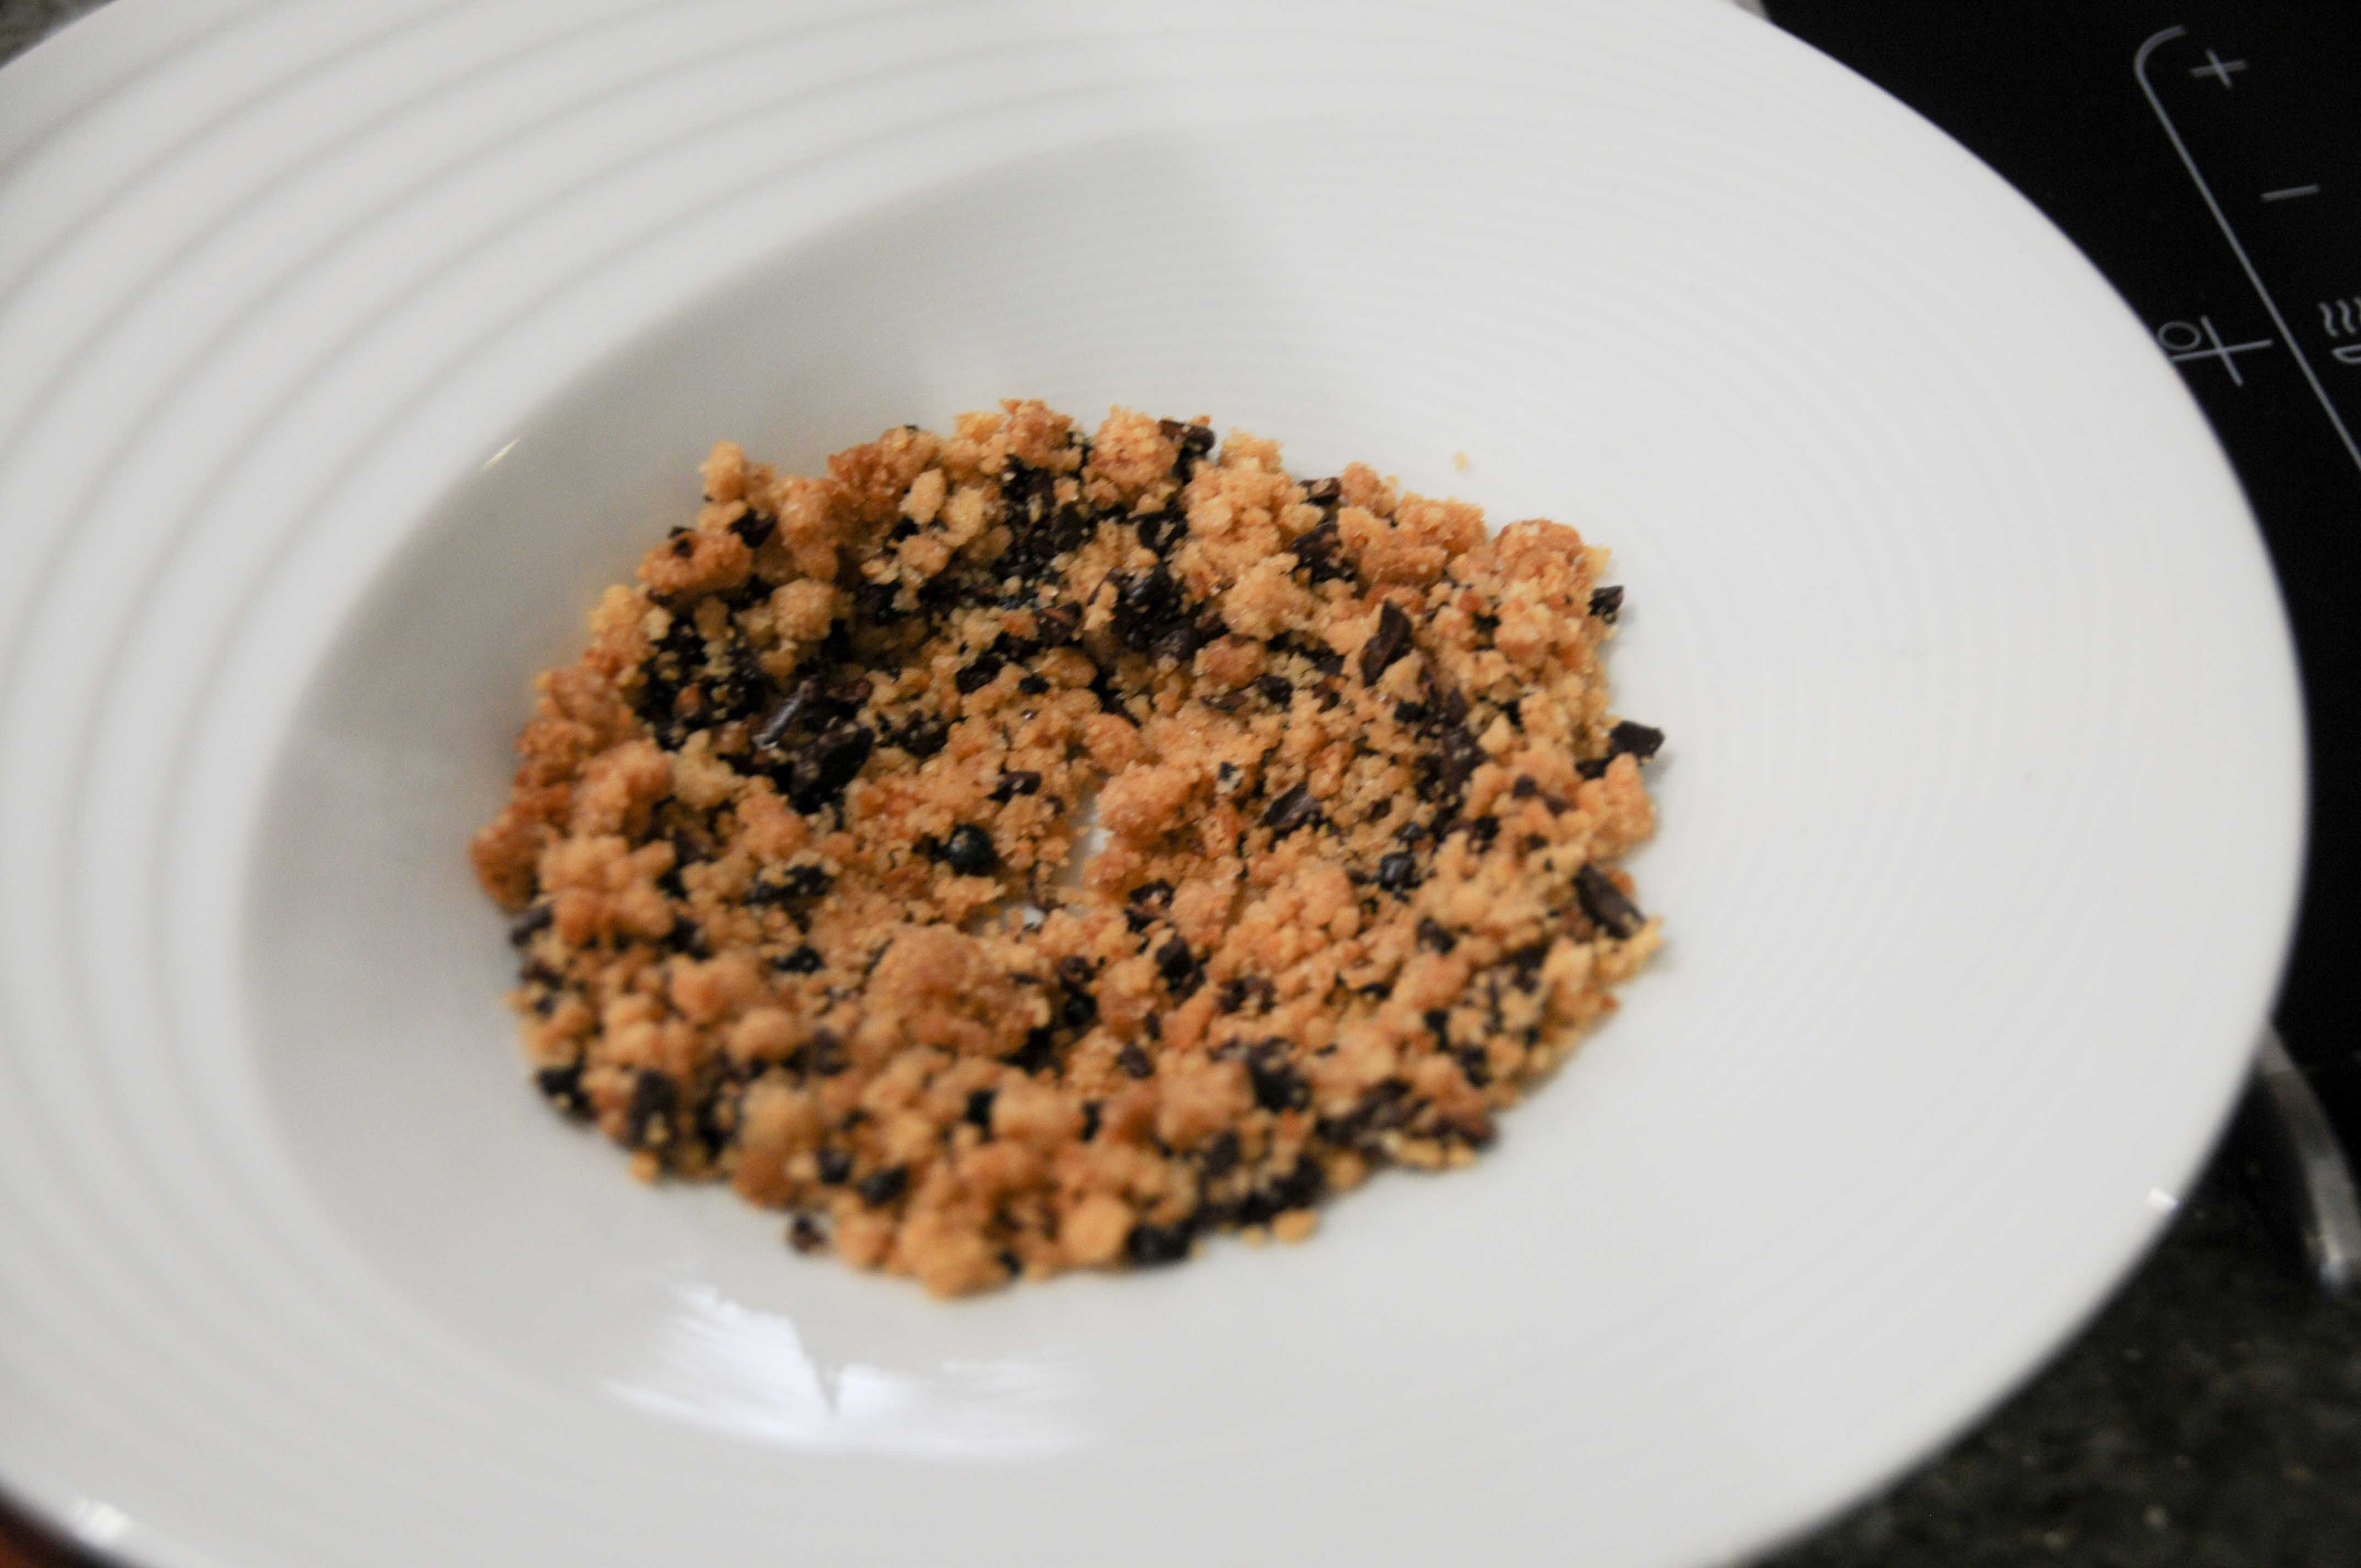 recette de michel sarran mousse haricots coco marron